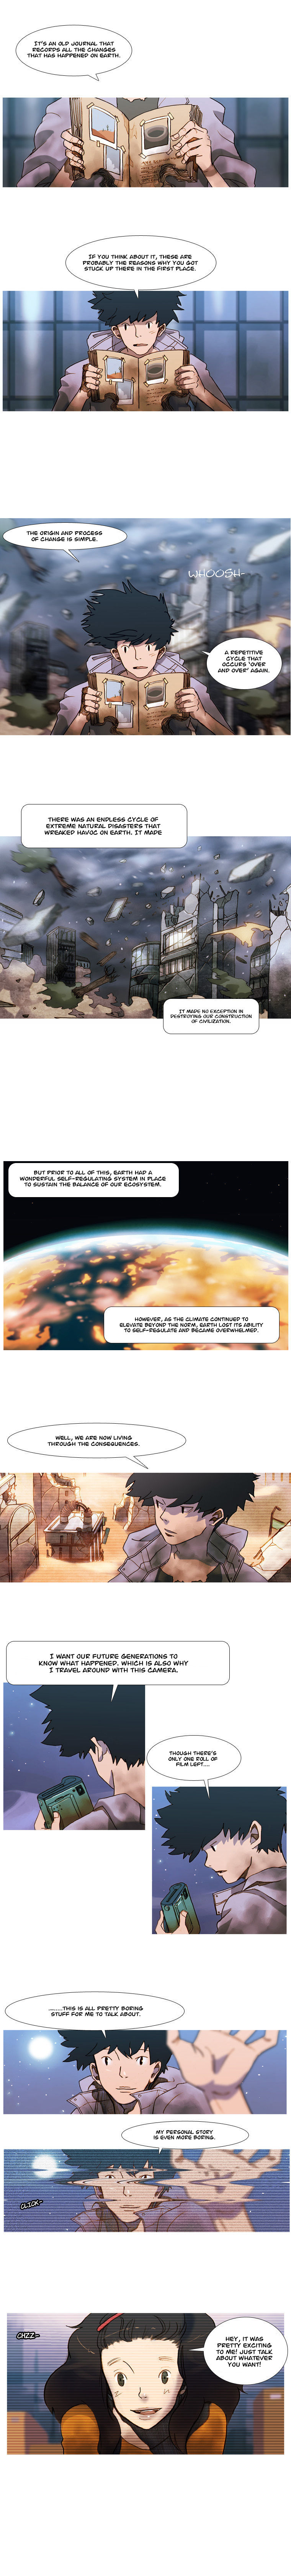 Noru 5 Page 2